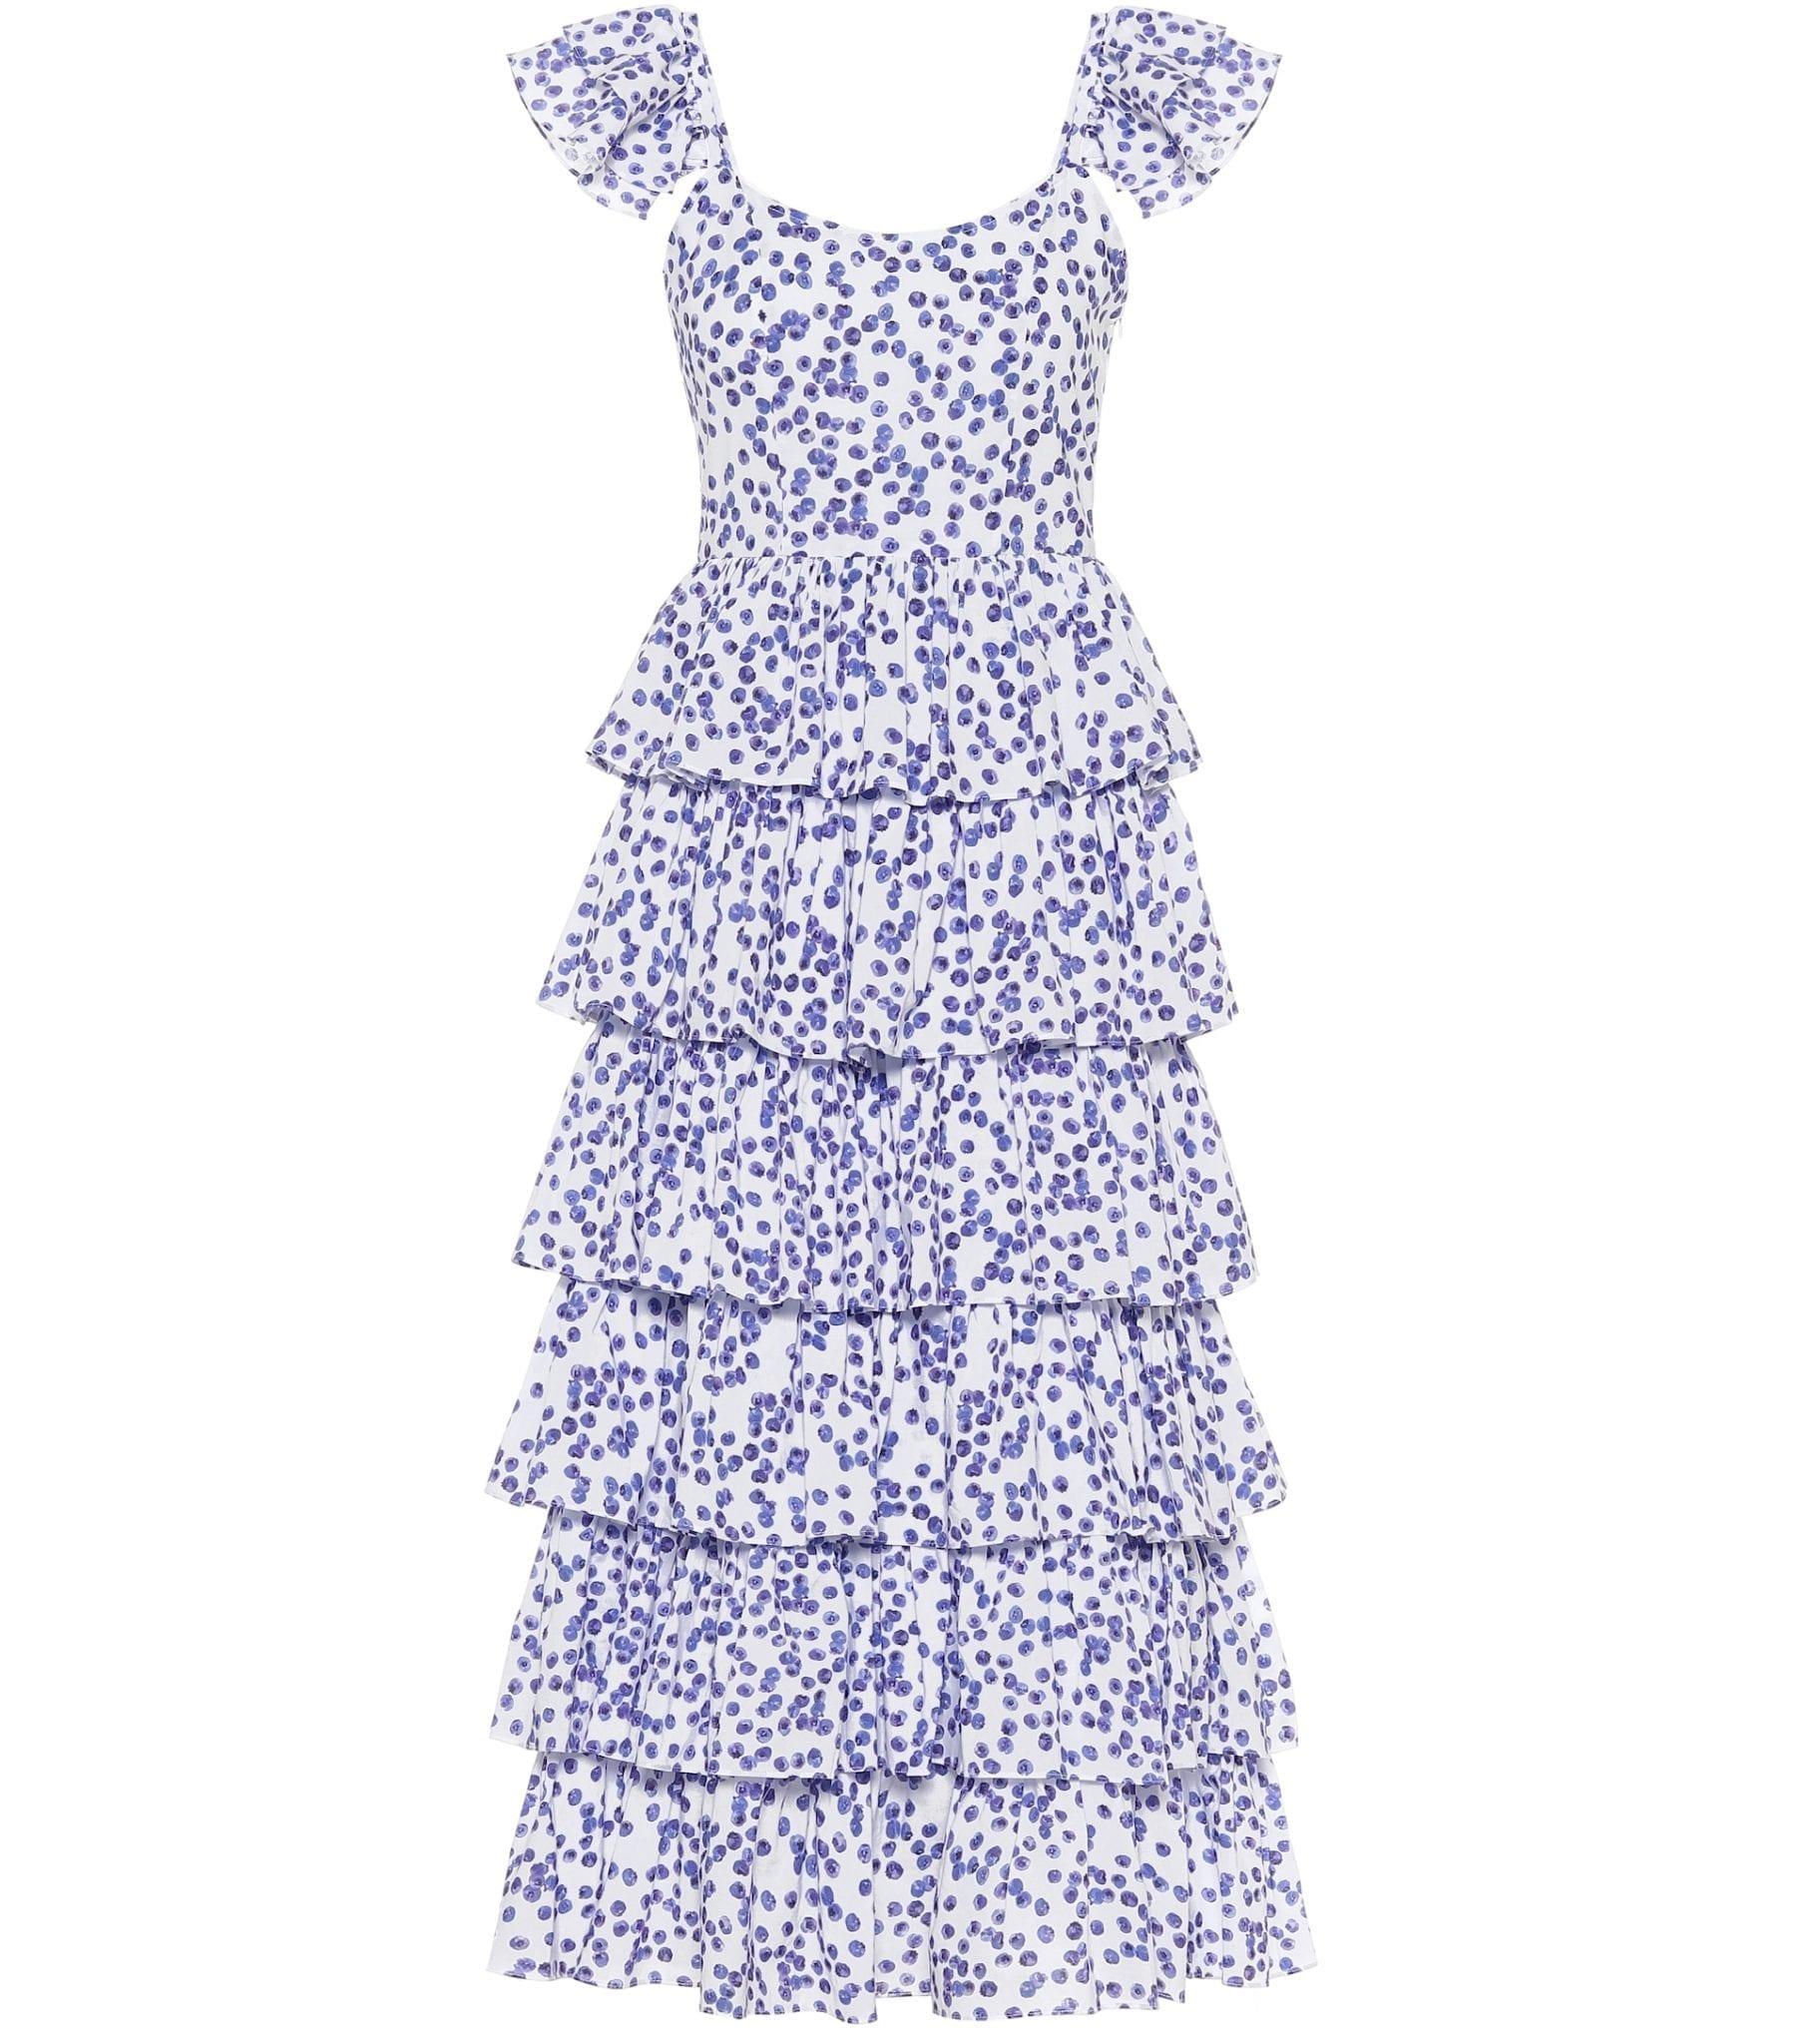 CAROLINE CONSTAS Elba Printed Cotton Midi Dress